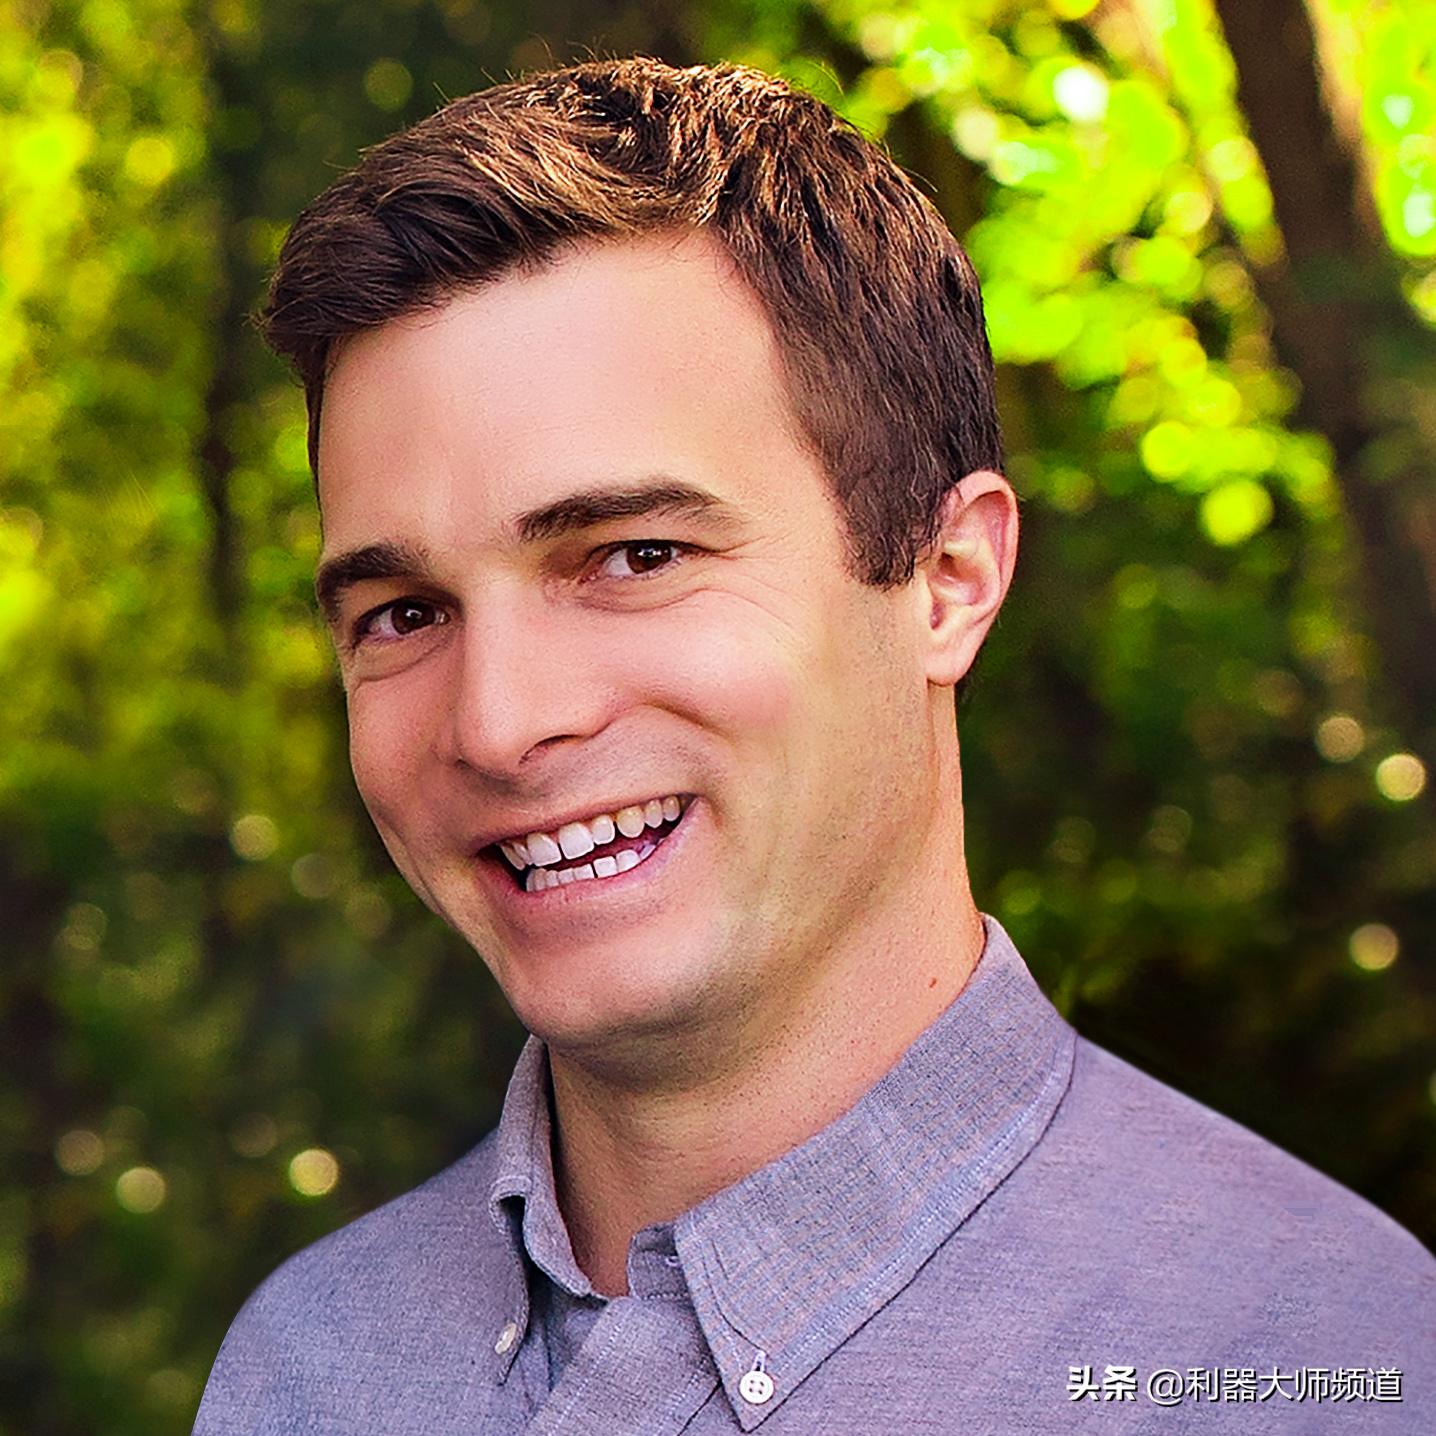 财务小哥做了一个理财博客,只花4年多时间,实现年赚30万美元